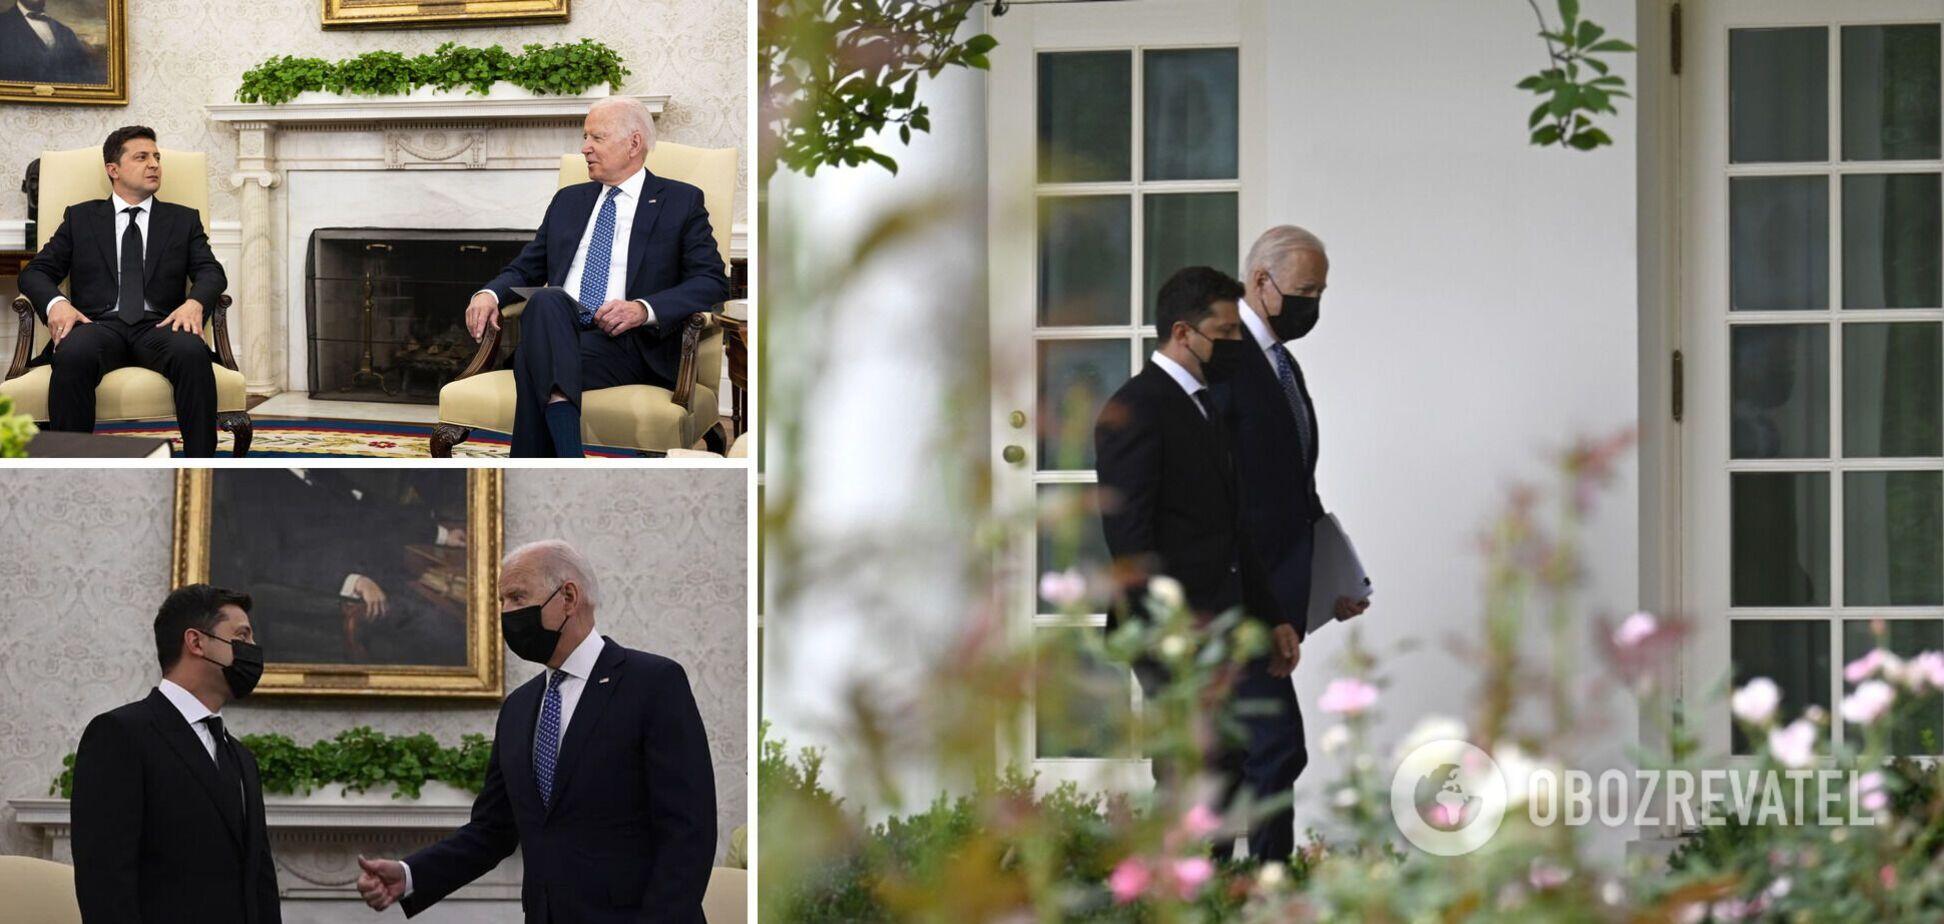 Встреча президентов Украины и США